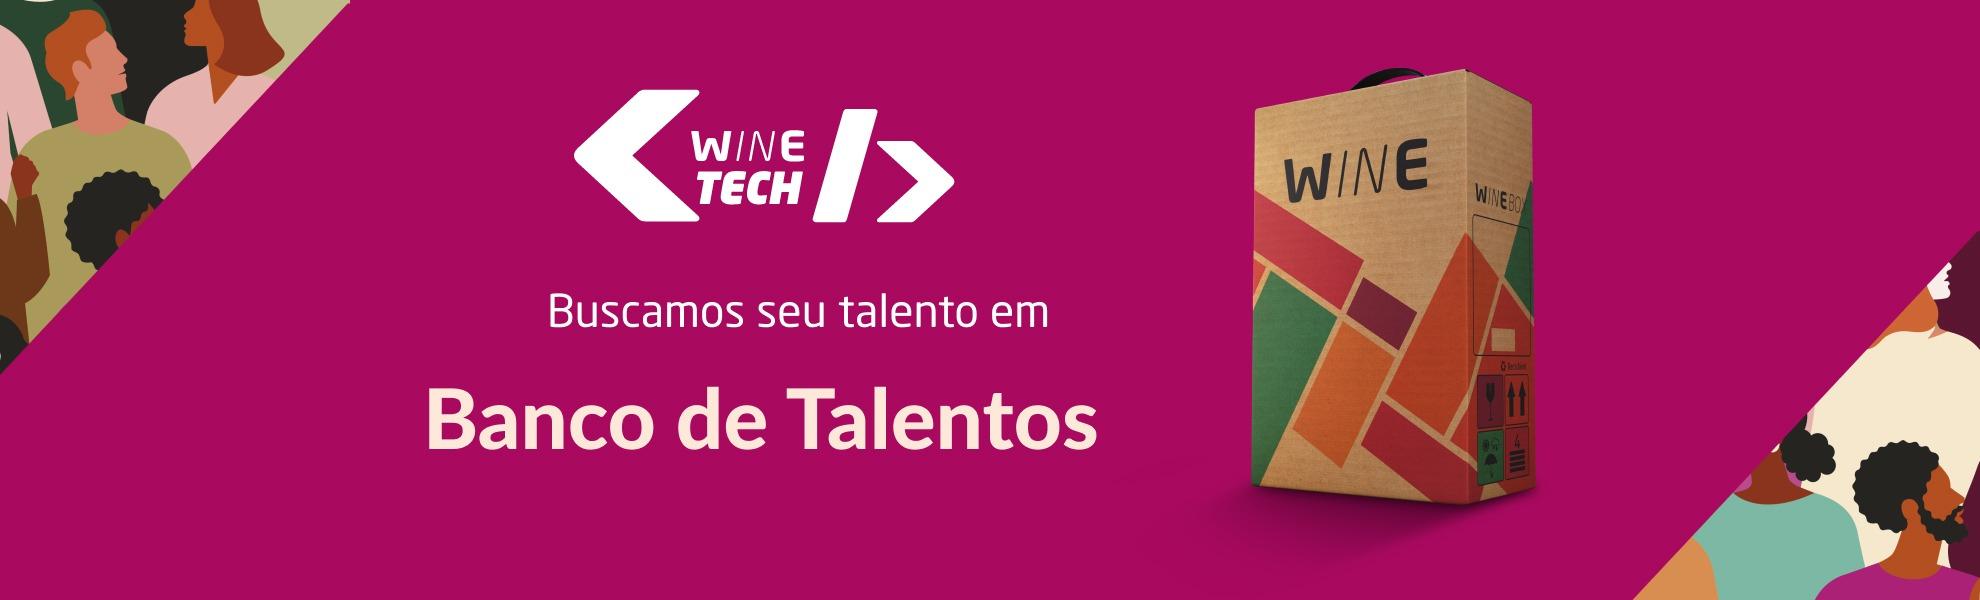 [Banco de Talentos] - Agente de Relacionamento - Vitória/ES